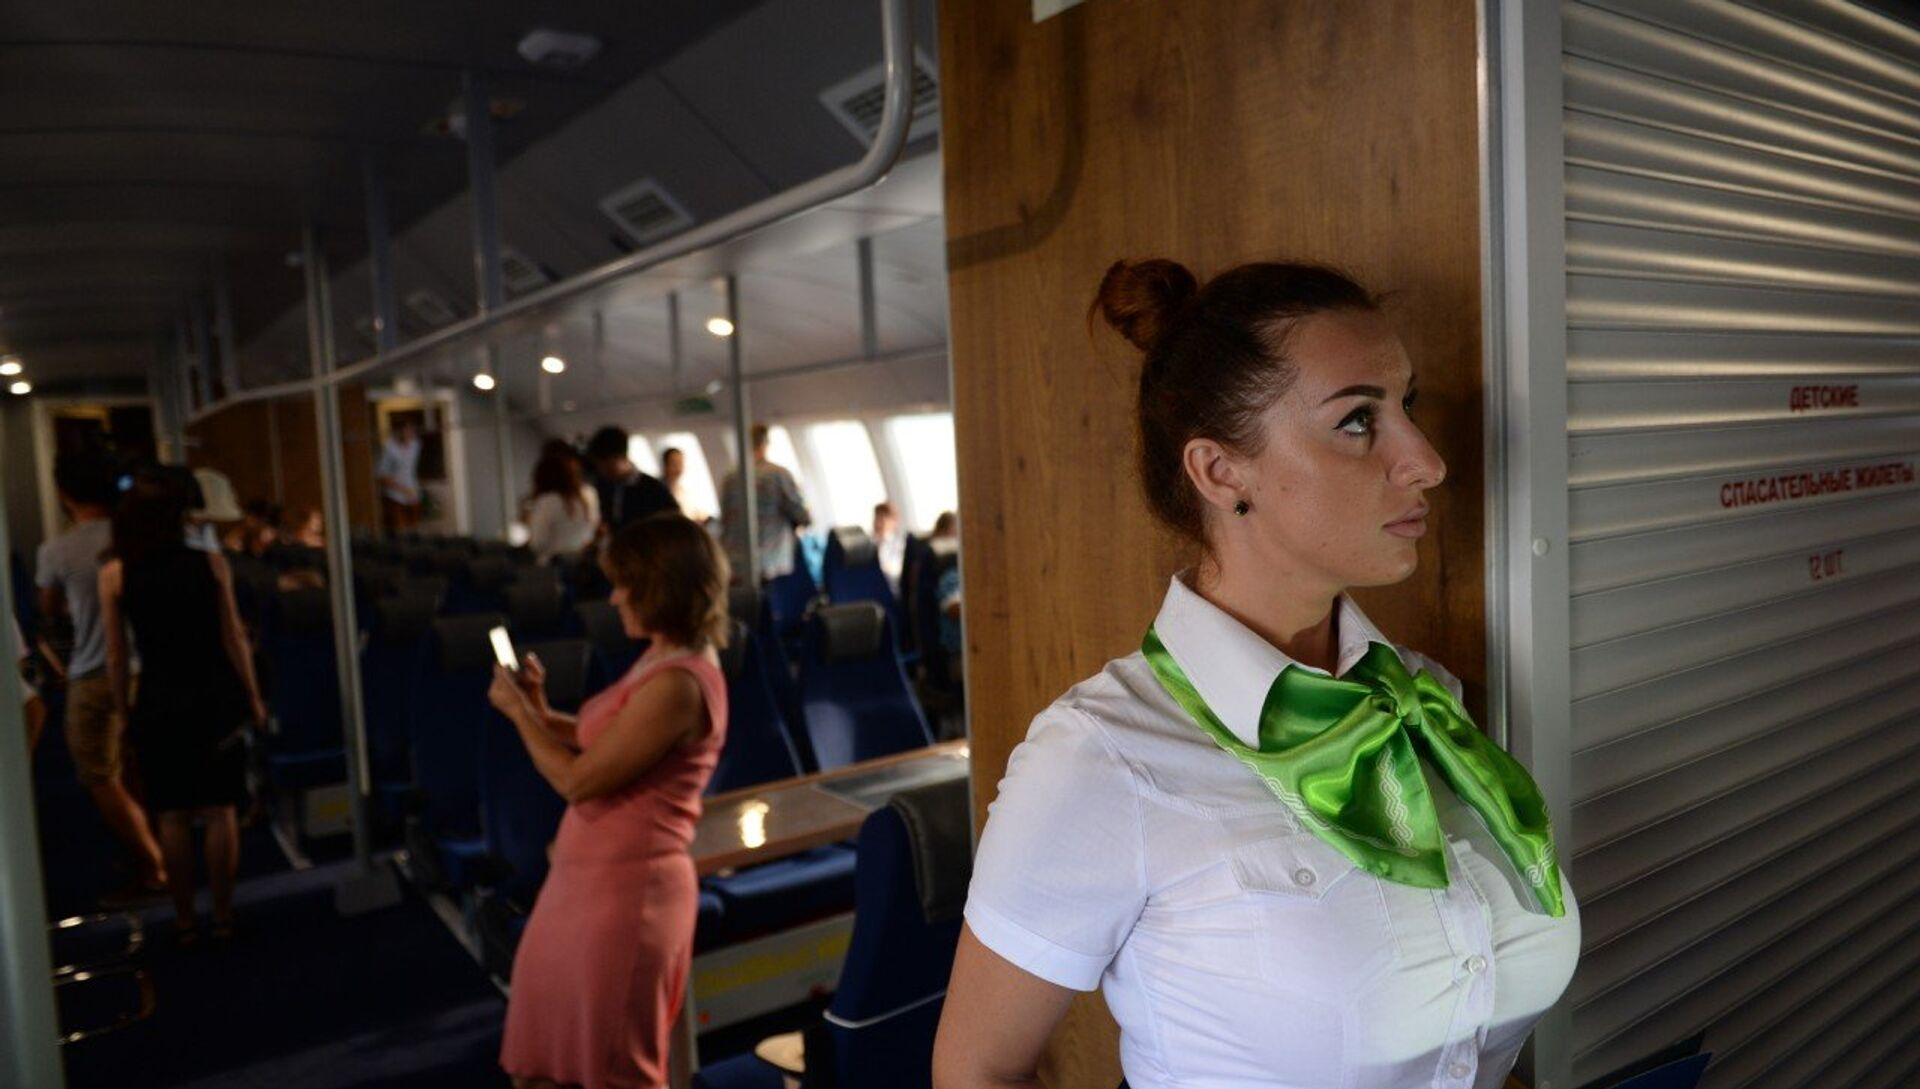 Запуск первого рейса пассажирского скоростного судна Комета в Севастополе - РИА Новости, 1920, 29.06.2020